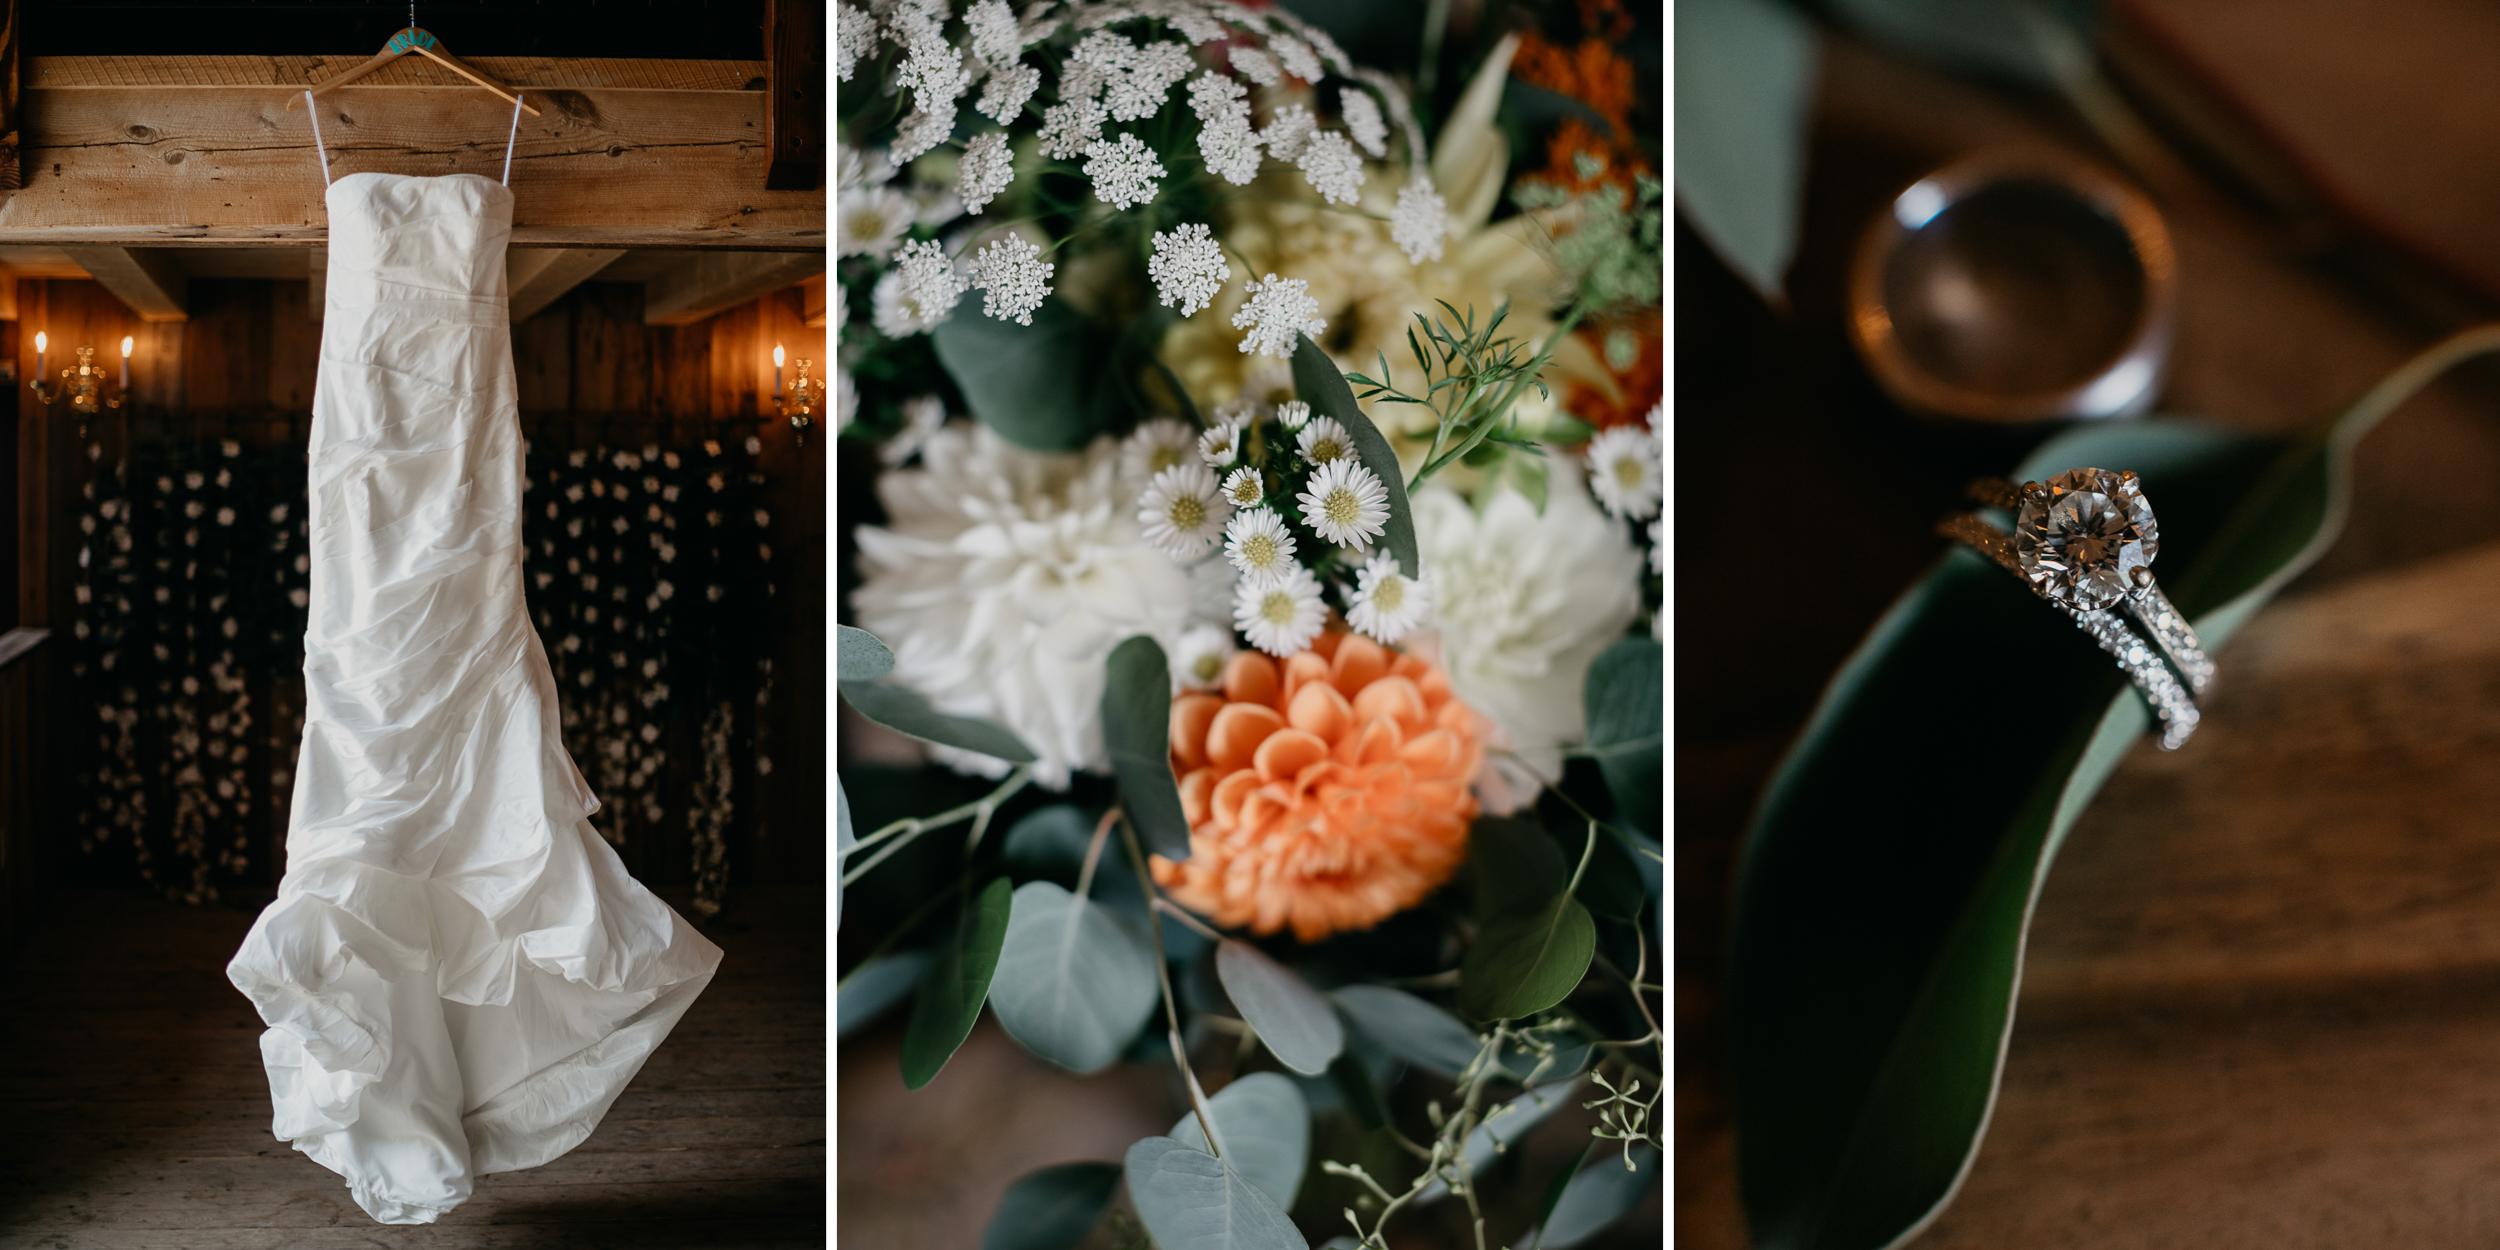 Jessie_Erik_Pownal_Maine_Wedding_William_allen_farm_003.jpg